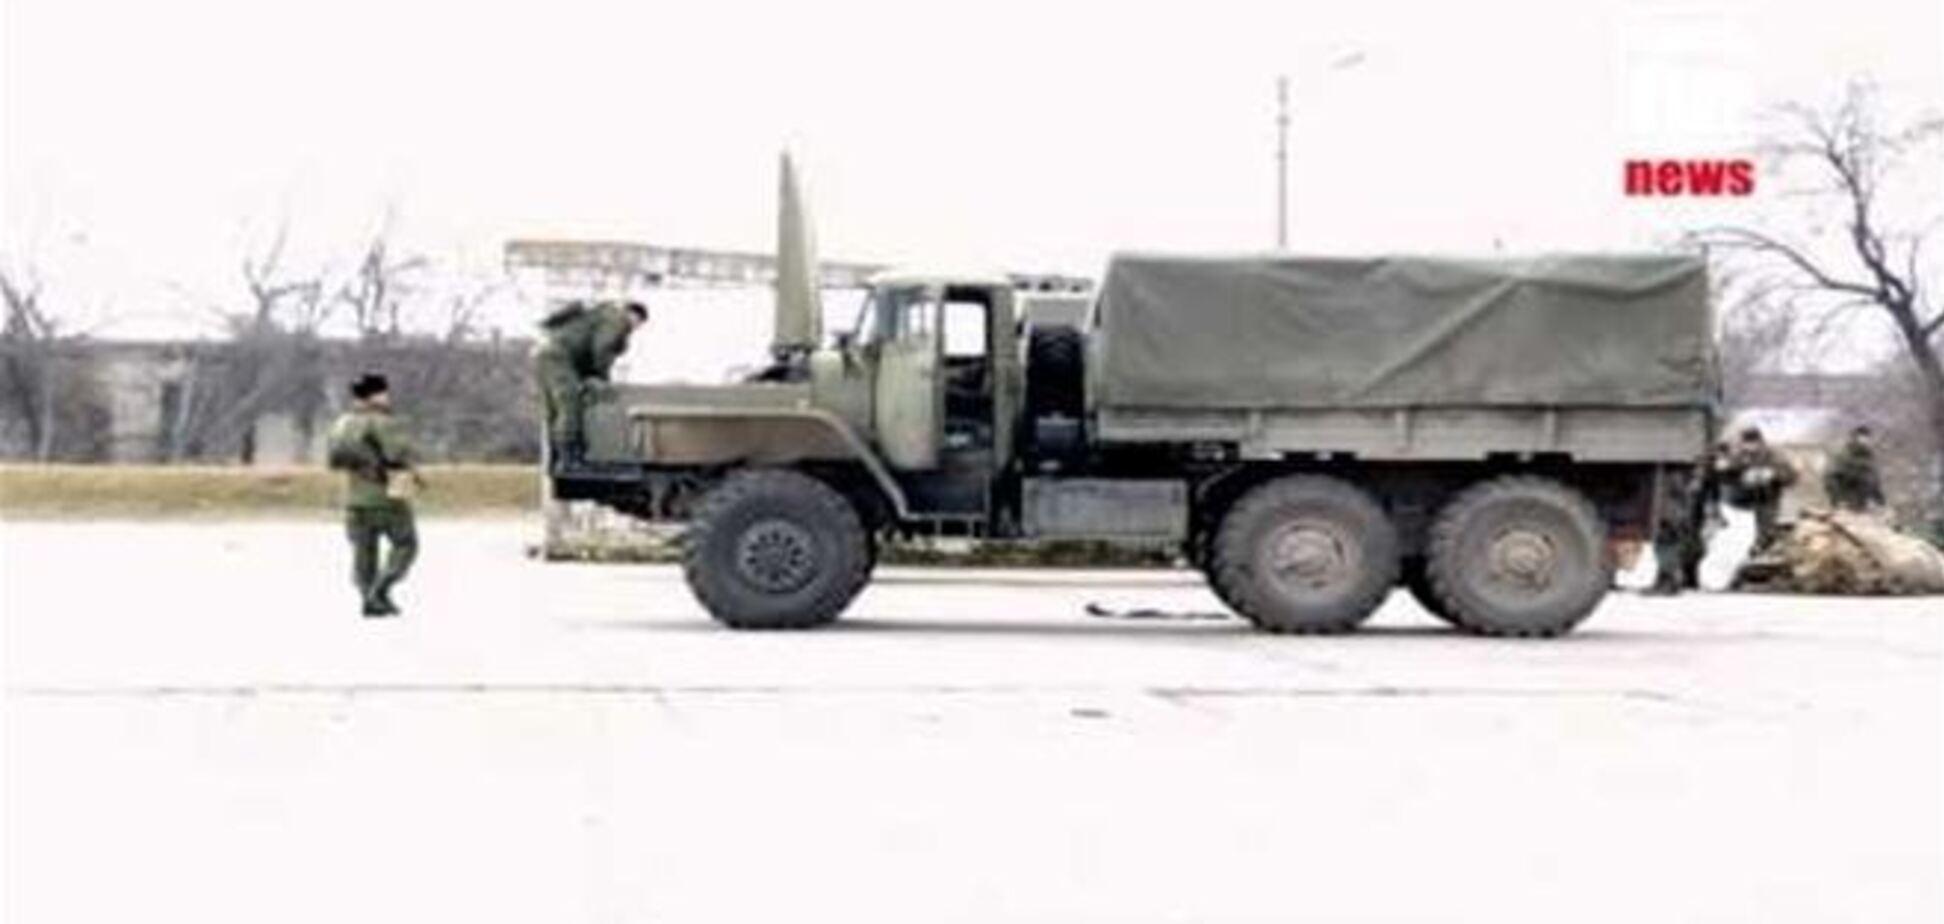 Российские военные покидают паромную переправу Керчи